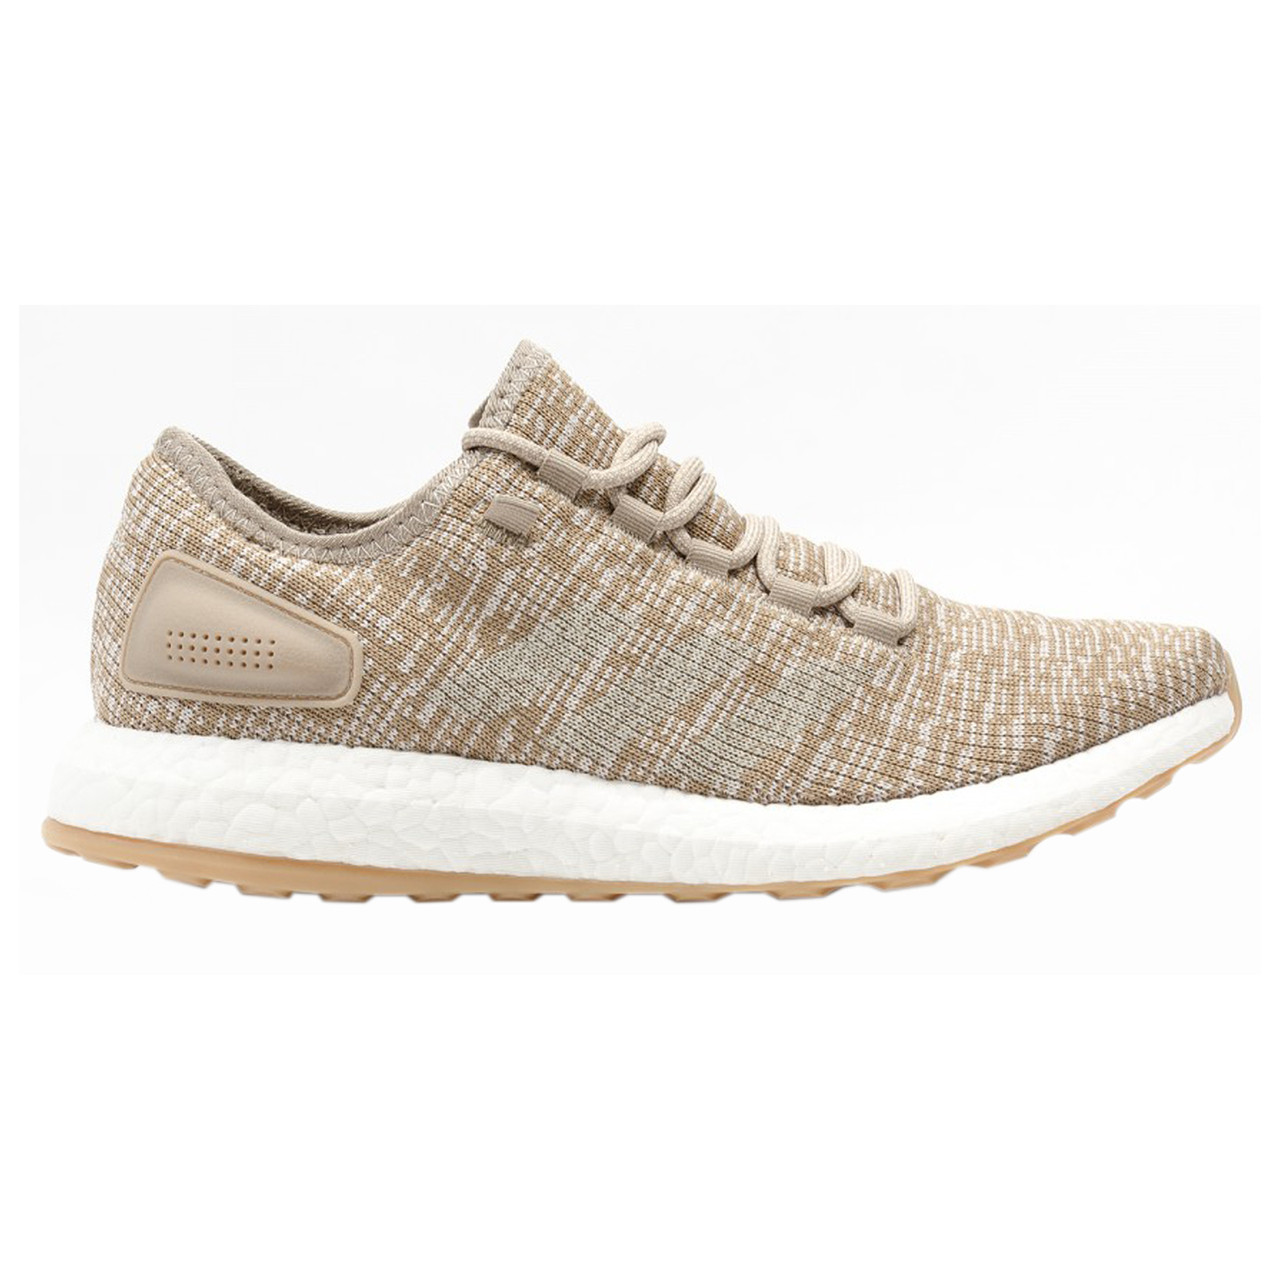 ae8bb31ff683b Adidas PureBOOST Mens Sneakers S81992 - Khaki